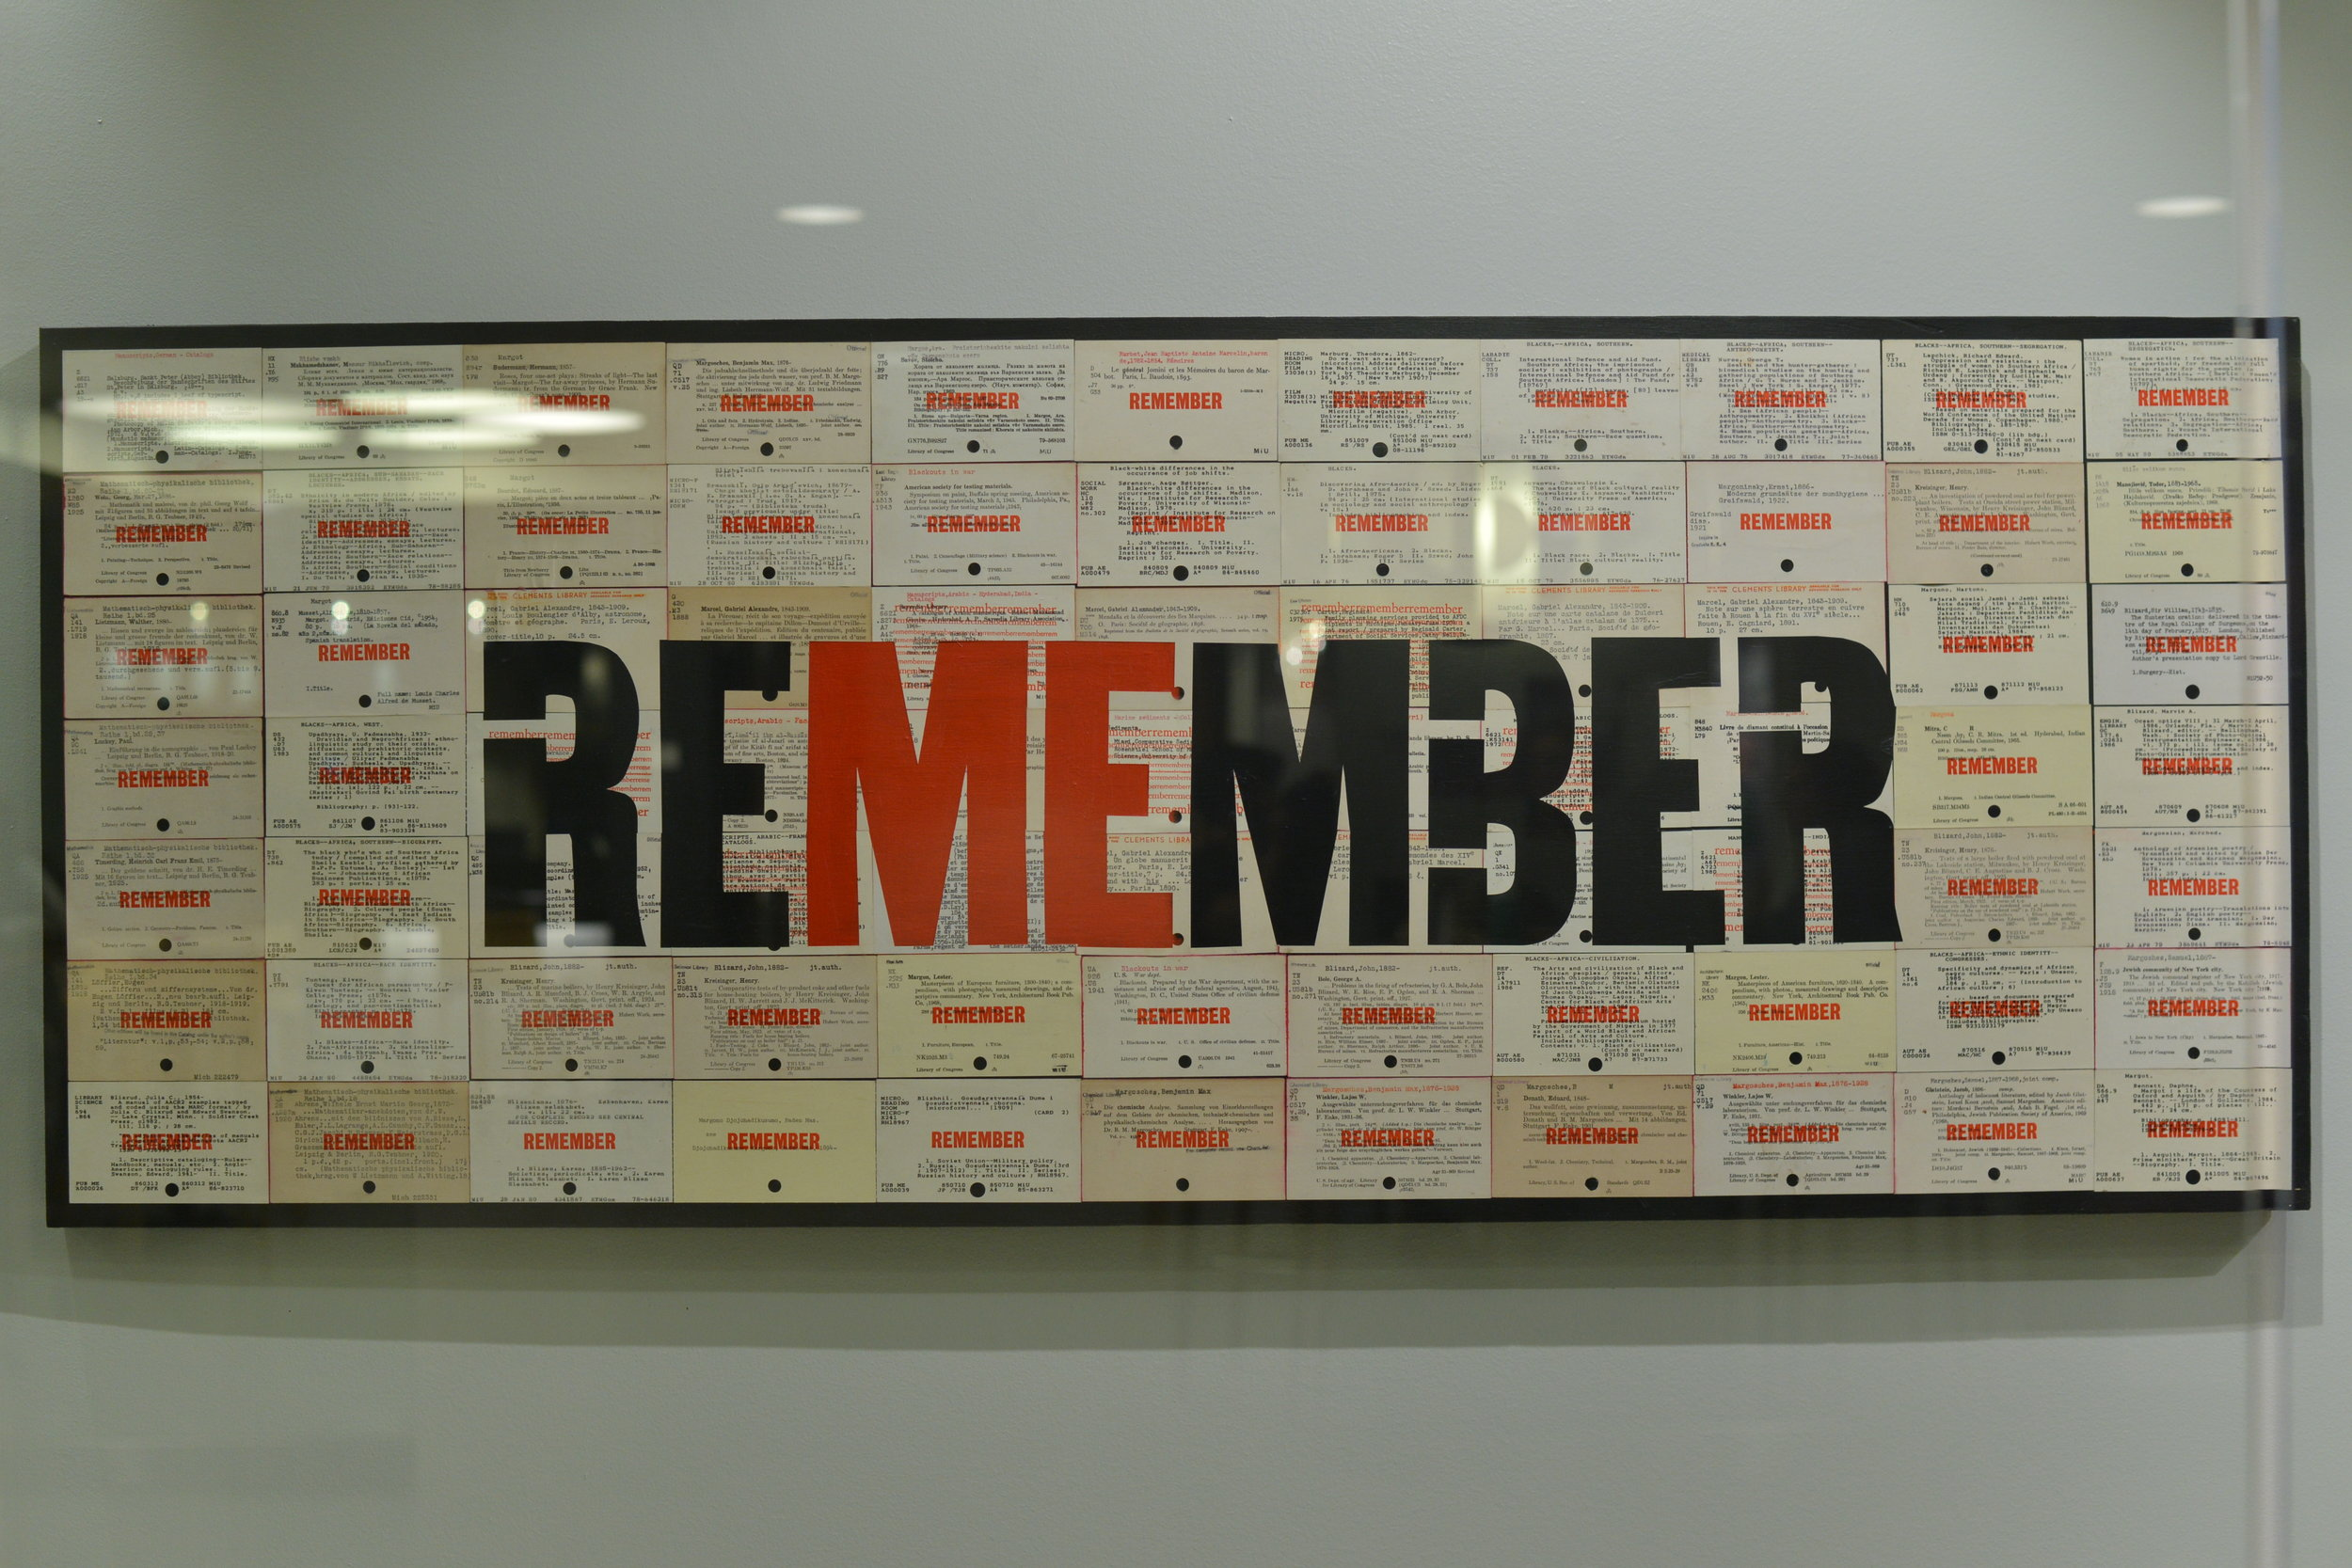 RememberMECard1.JPG